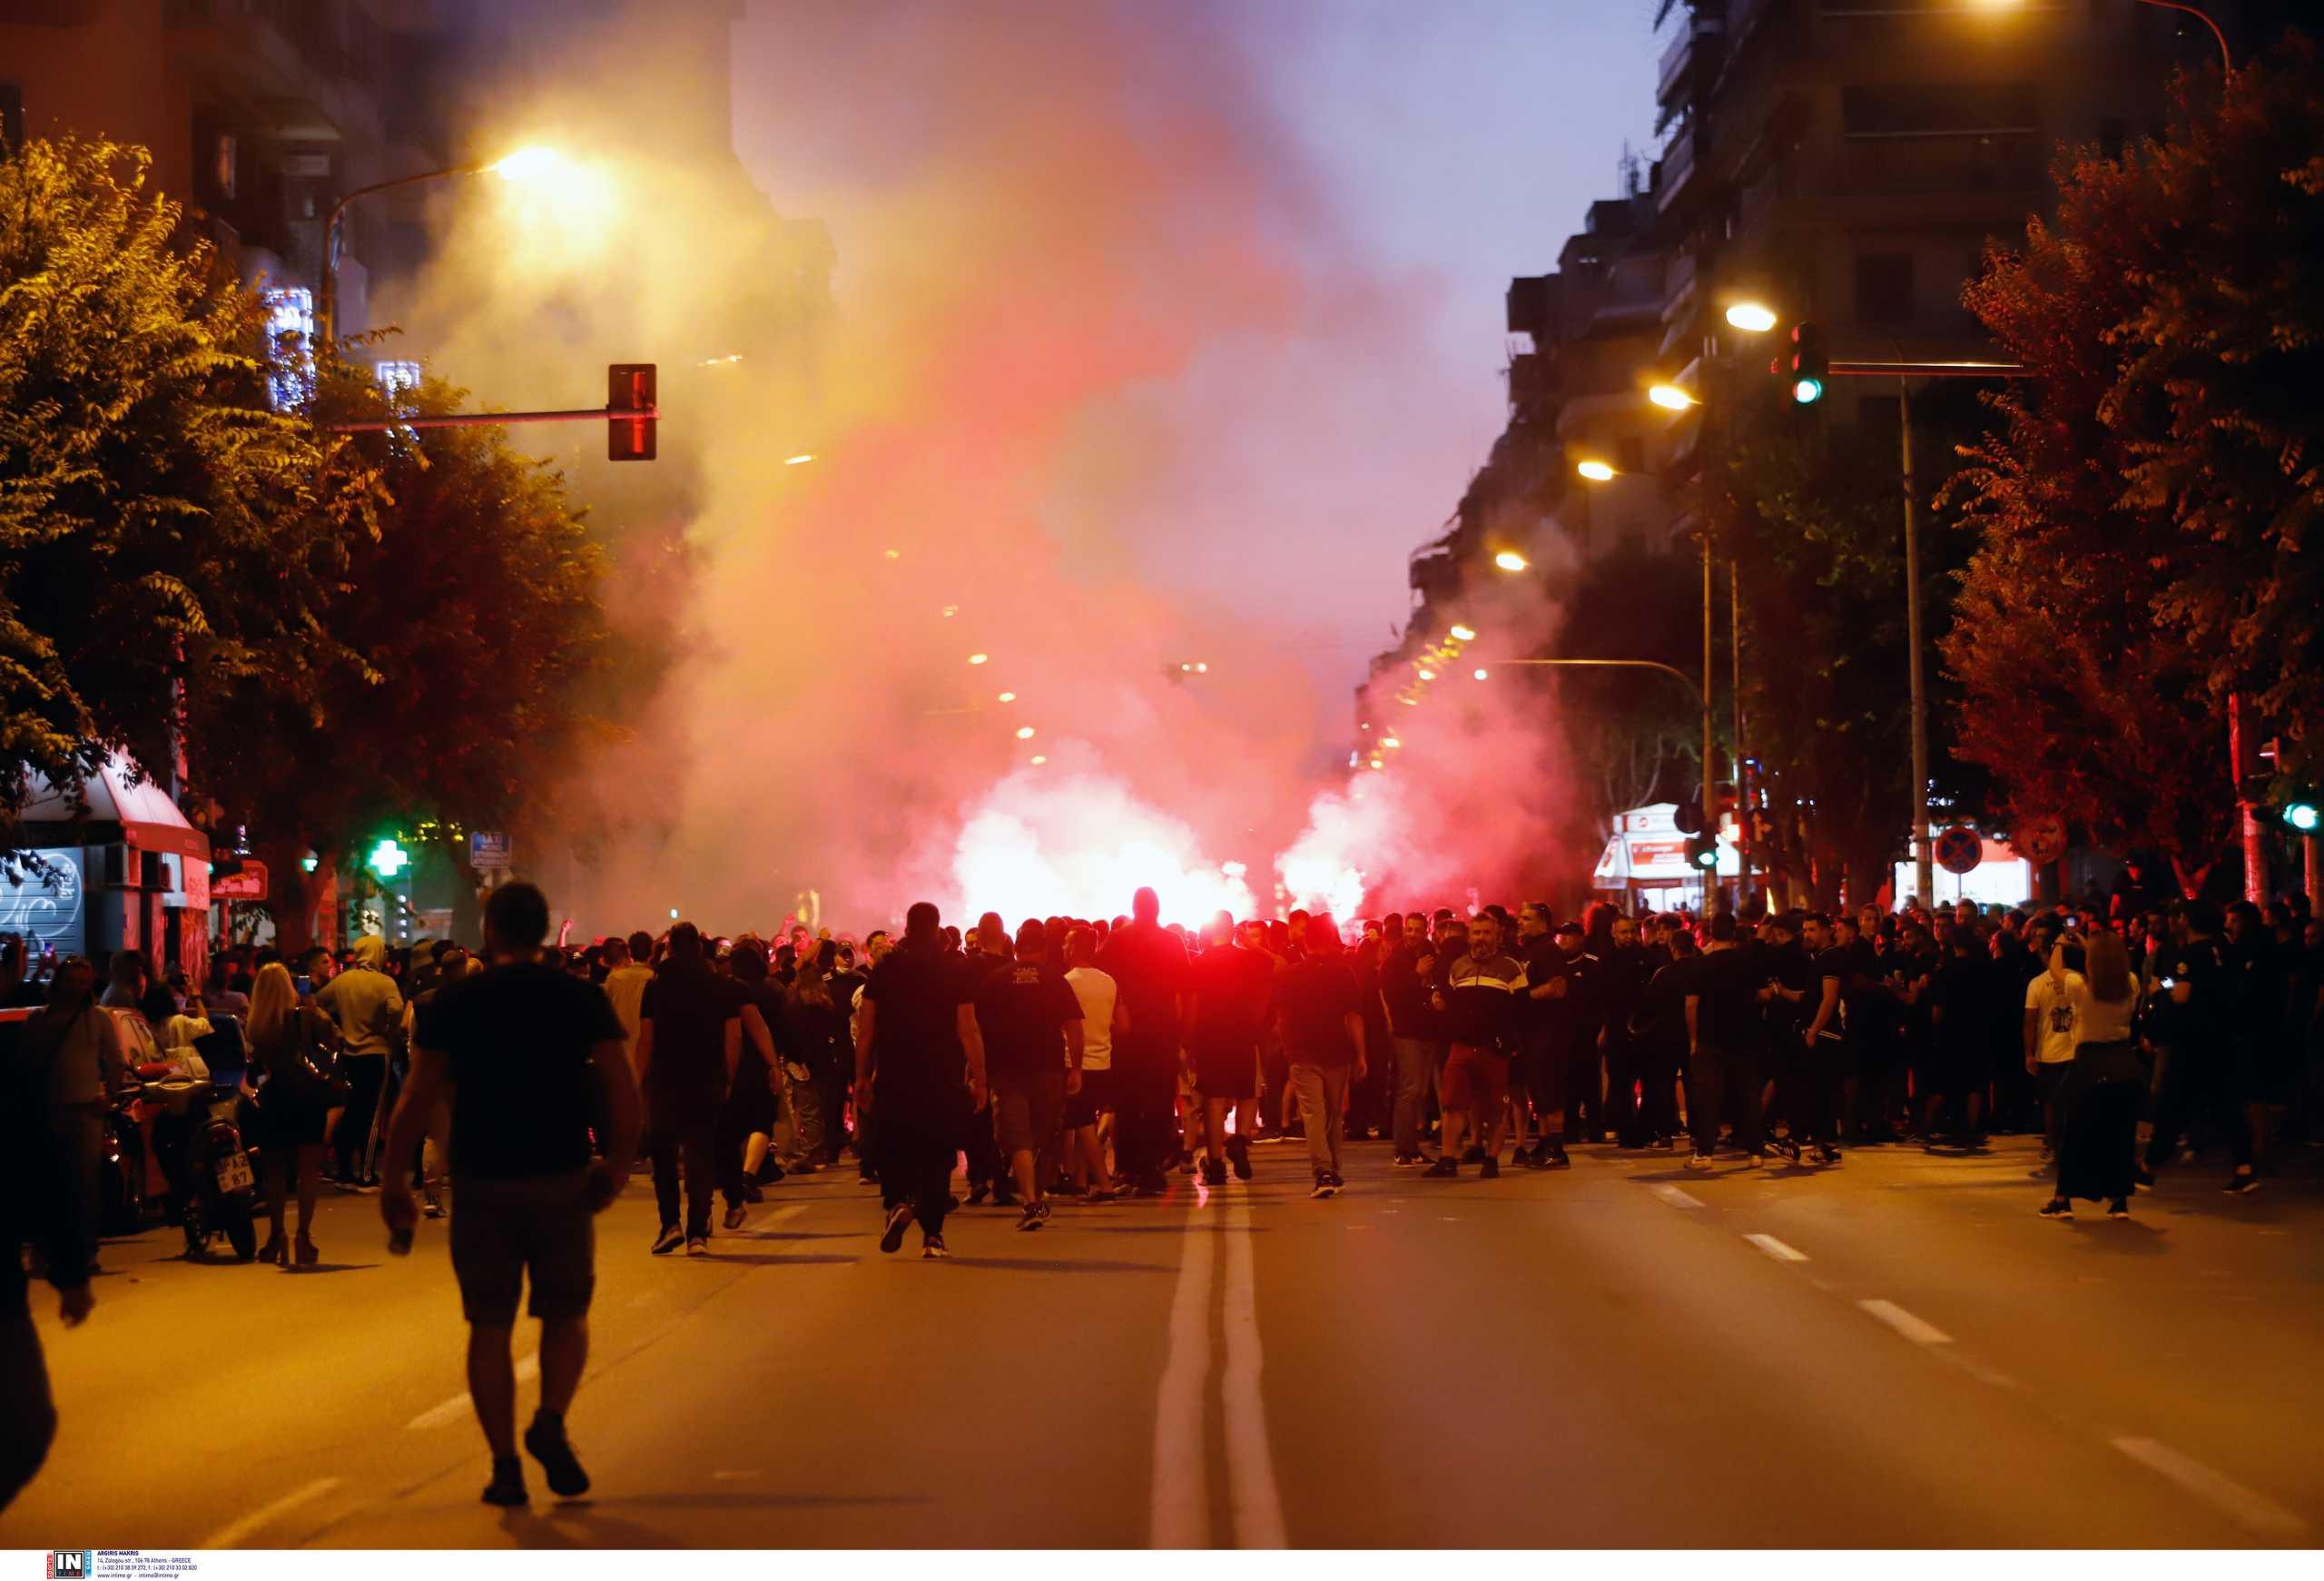 ΠΑΟΚ: Ένταση οπαδών και ΜΑΤ στην πορεία διαμαρτυρίας για τα νέα μέτρα στα γήπεδα